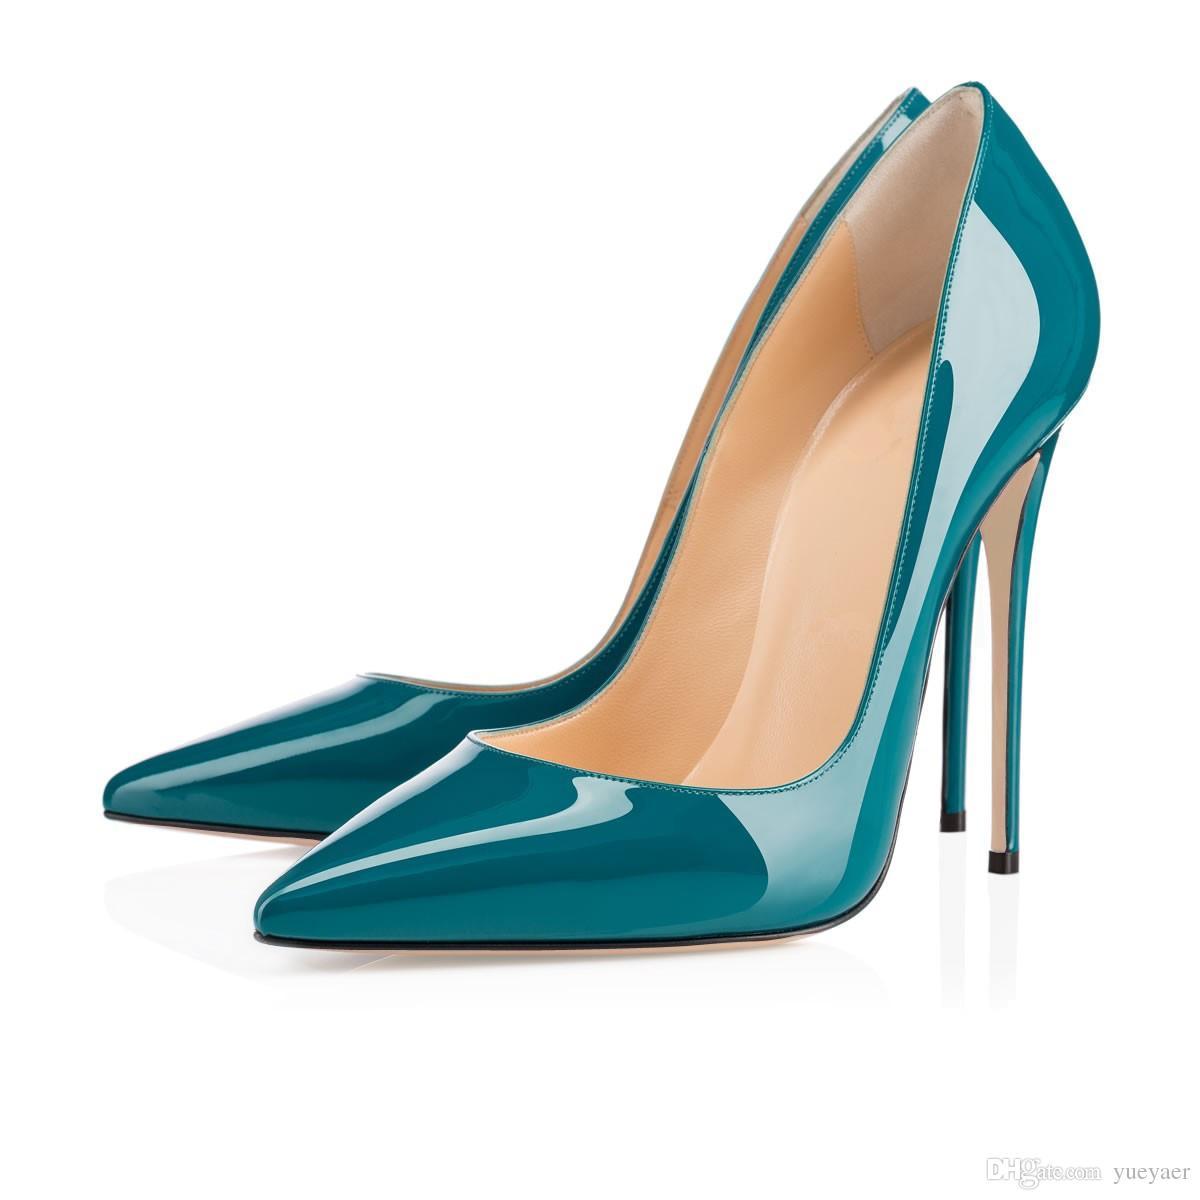 Zandina Senhoras Artesanais Moda ASO-kate 120mm Dedo Apontado Do Partido Clássico Magro Bombas de Salto Sapatos Stiletto Escuro-verde